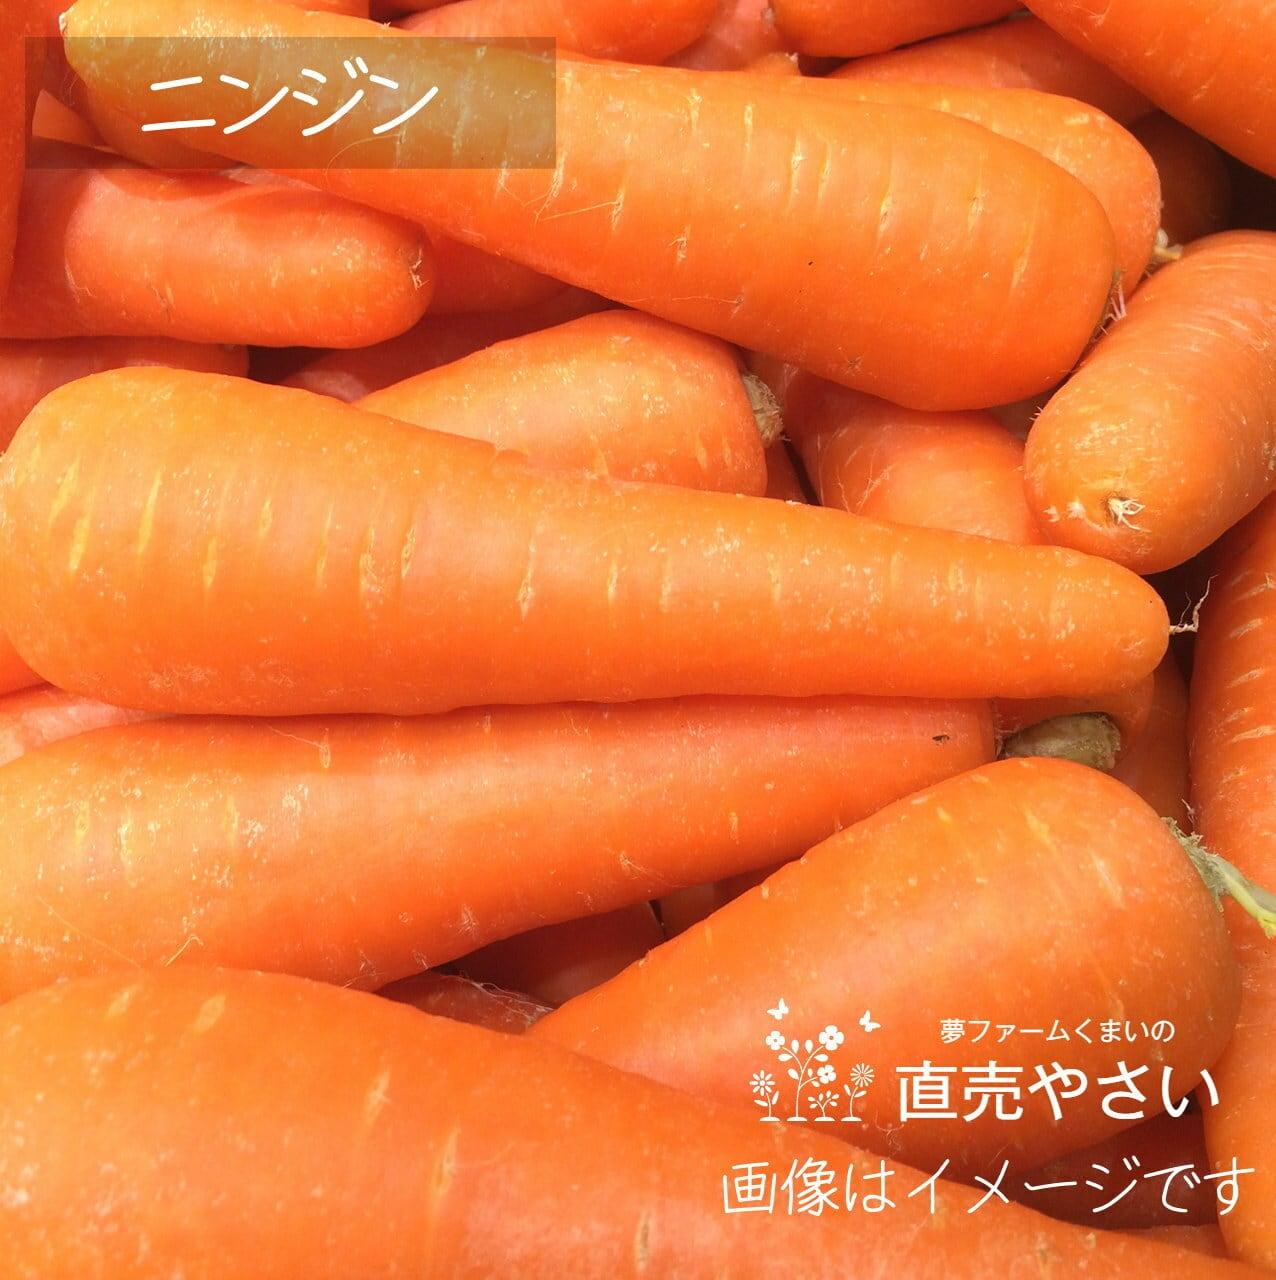 7月の新鮮な夏野菜 : ニンジン 約400g  朝採り直売野菜 7月17日発送予定